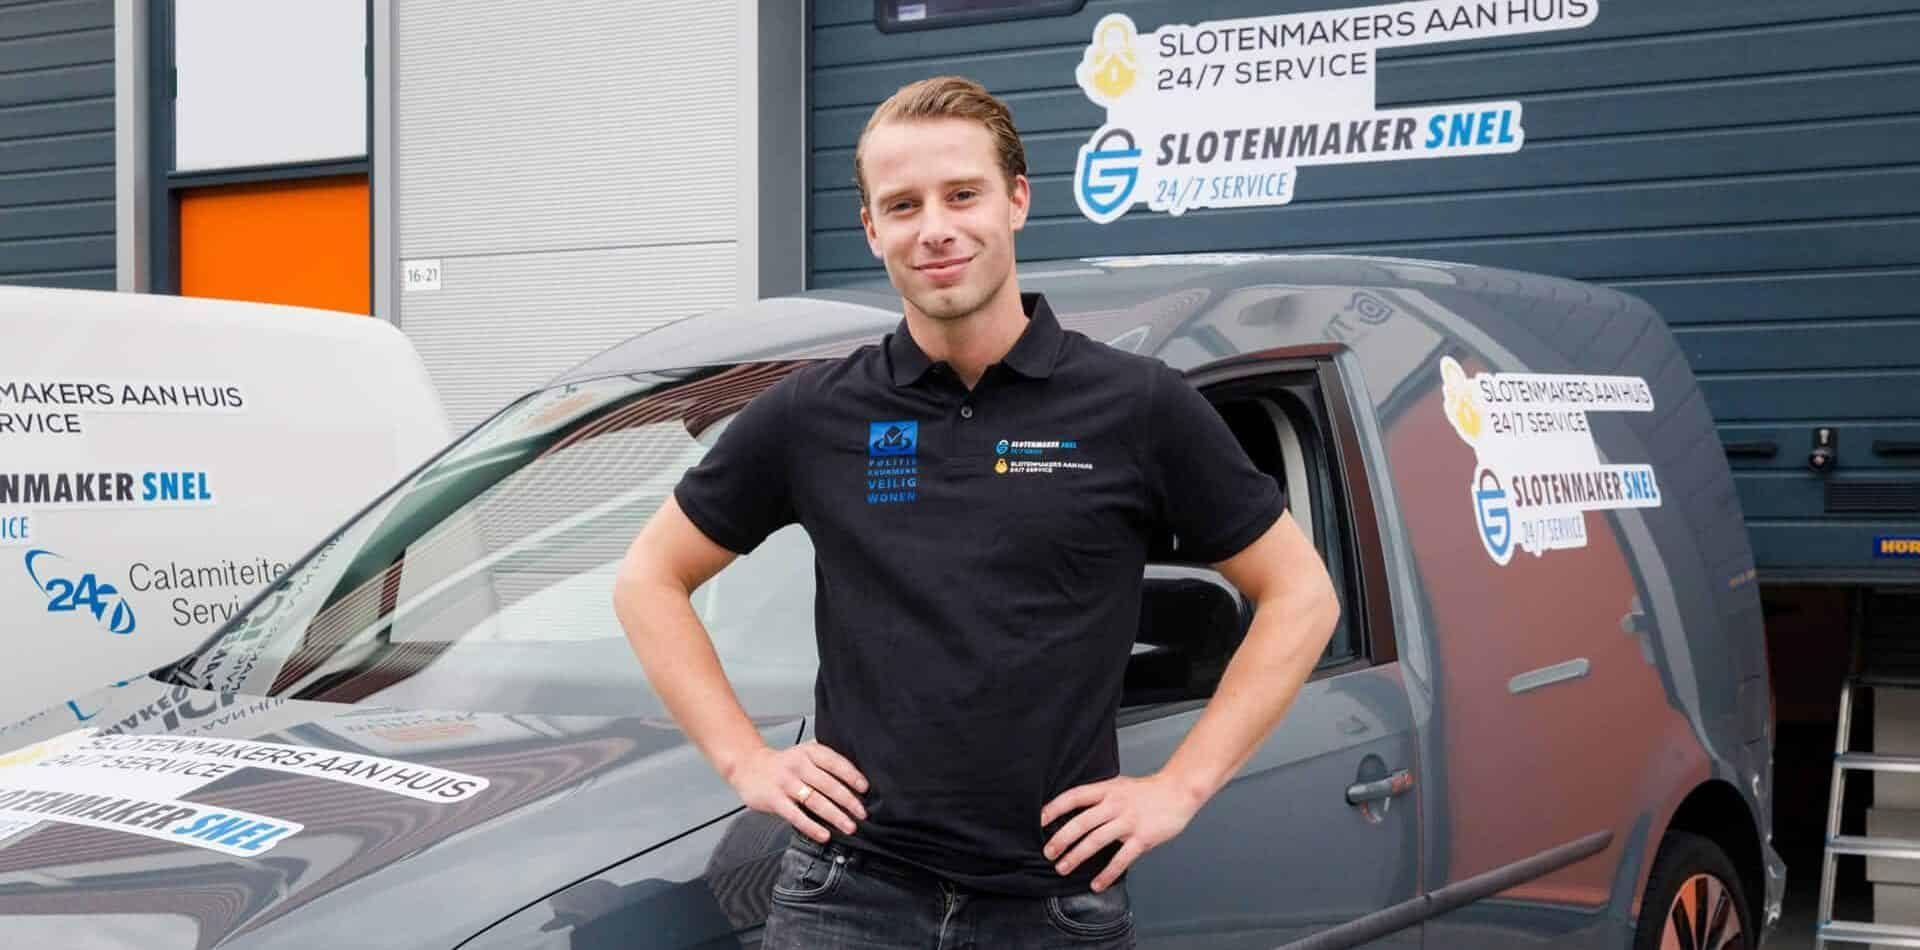 Slotenmaker Veendam